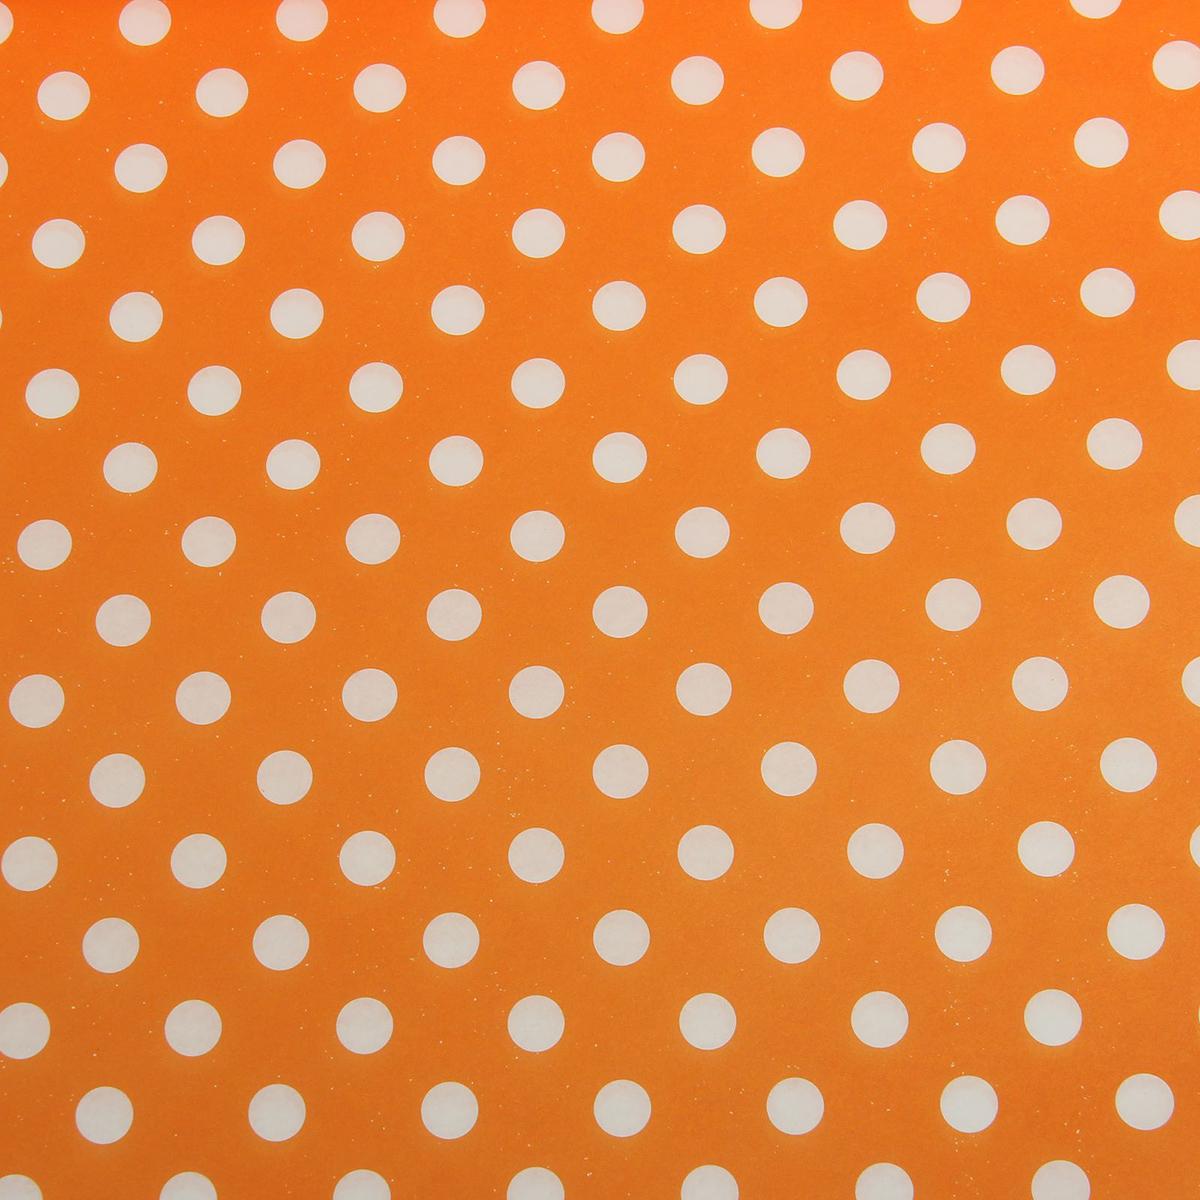 Бумага упаковочная Горох на оранжевом, 50 х 70 см. 18820351882035Любой подарок начинается с упаковки. Что может быть трогательнее и волшебнее, чем ритуал разворачивания полученного презента. И именно оригинальная, со вкусом выбранная упаковка выделит ваш подарок из массы других. Она продемонстрирует самые тёплые чувства к виновнику торжества и создаст сказочную атмосферу праздника. Бумага упаковочная Горох на оранжевом— это то, что вы искали.